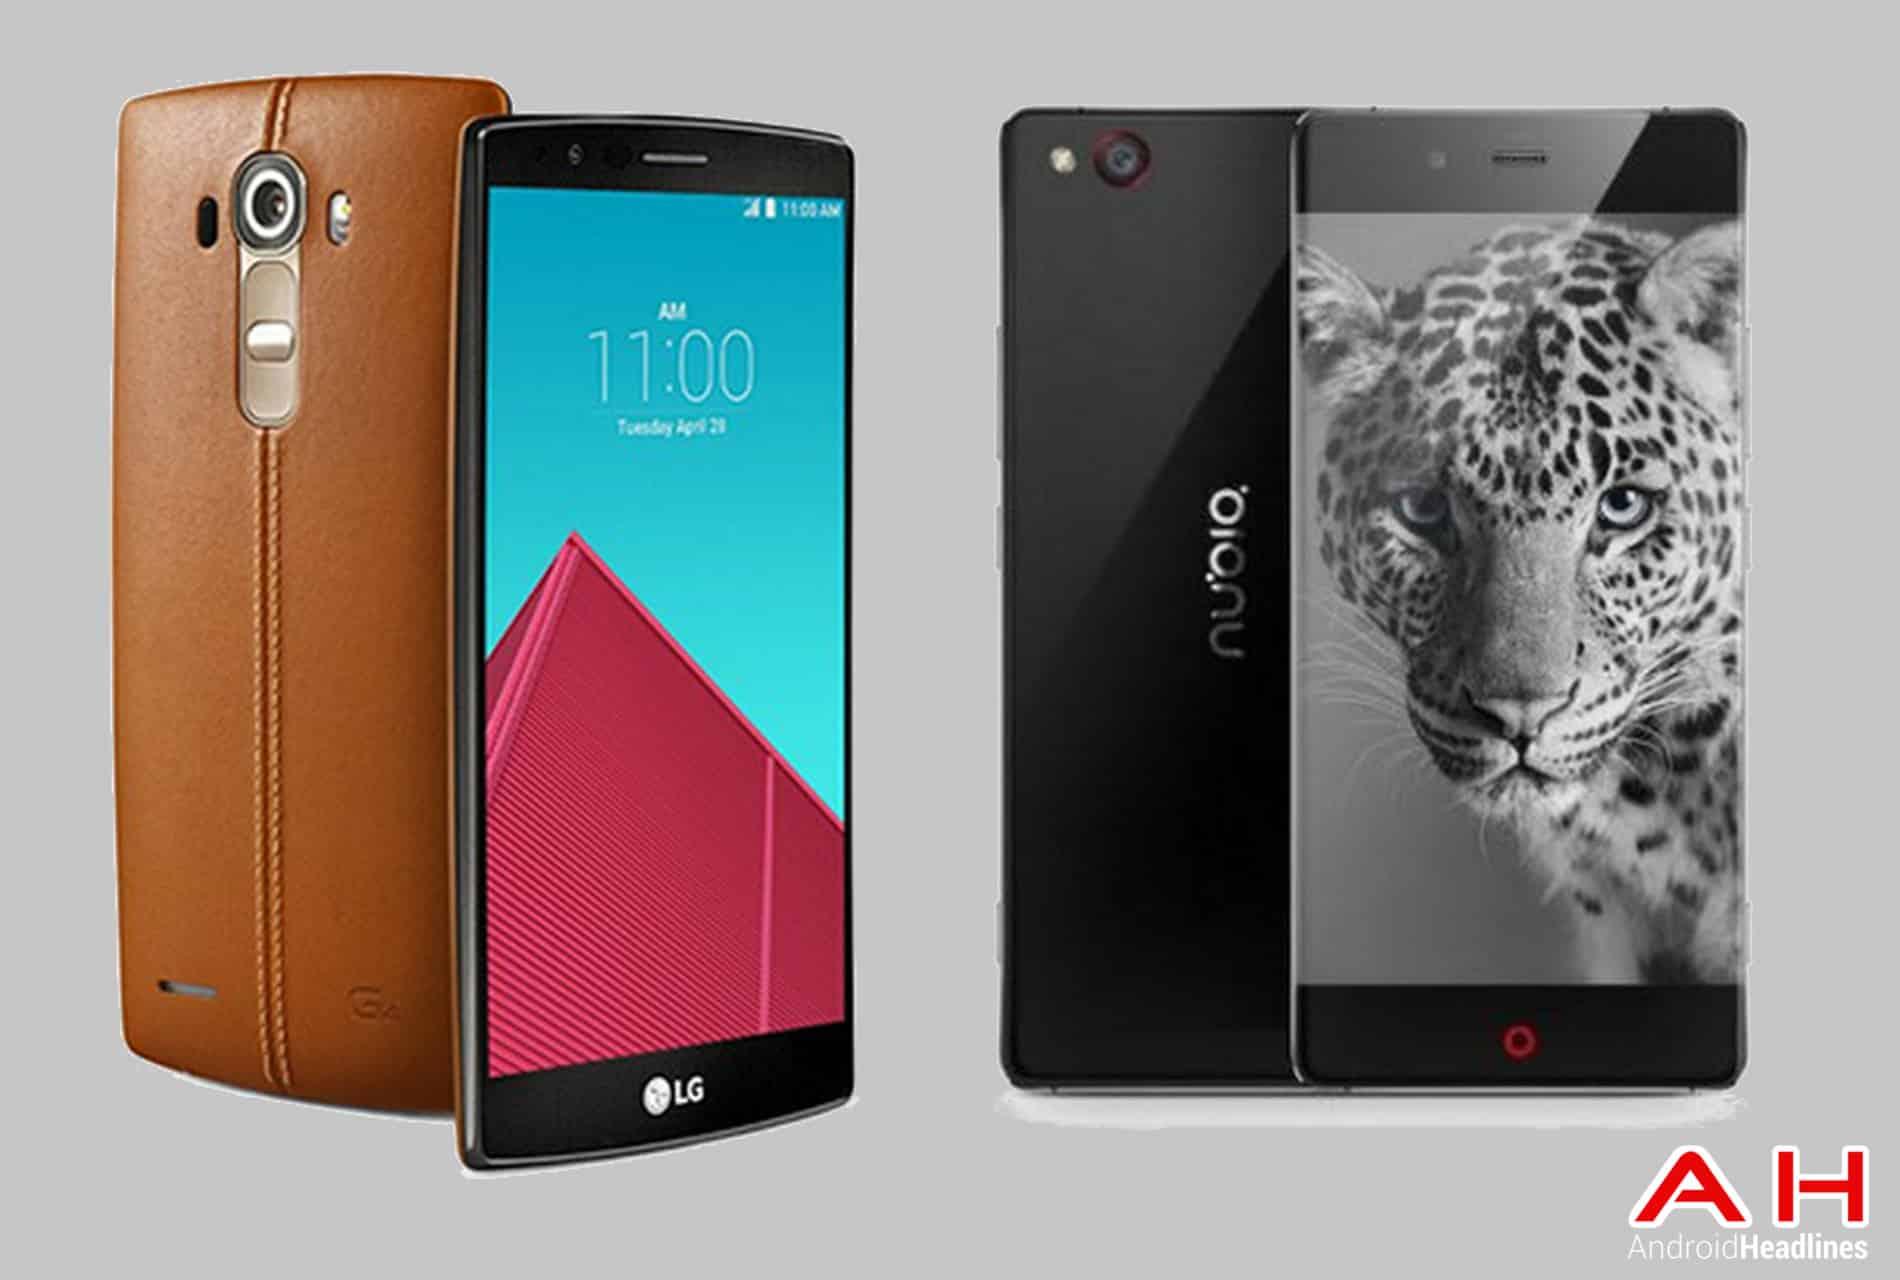 LG G4 vs Nubia Z9 cam AH